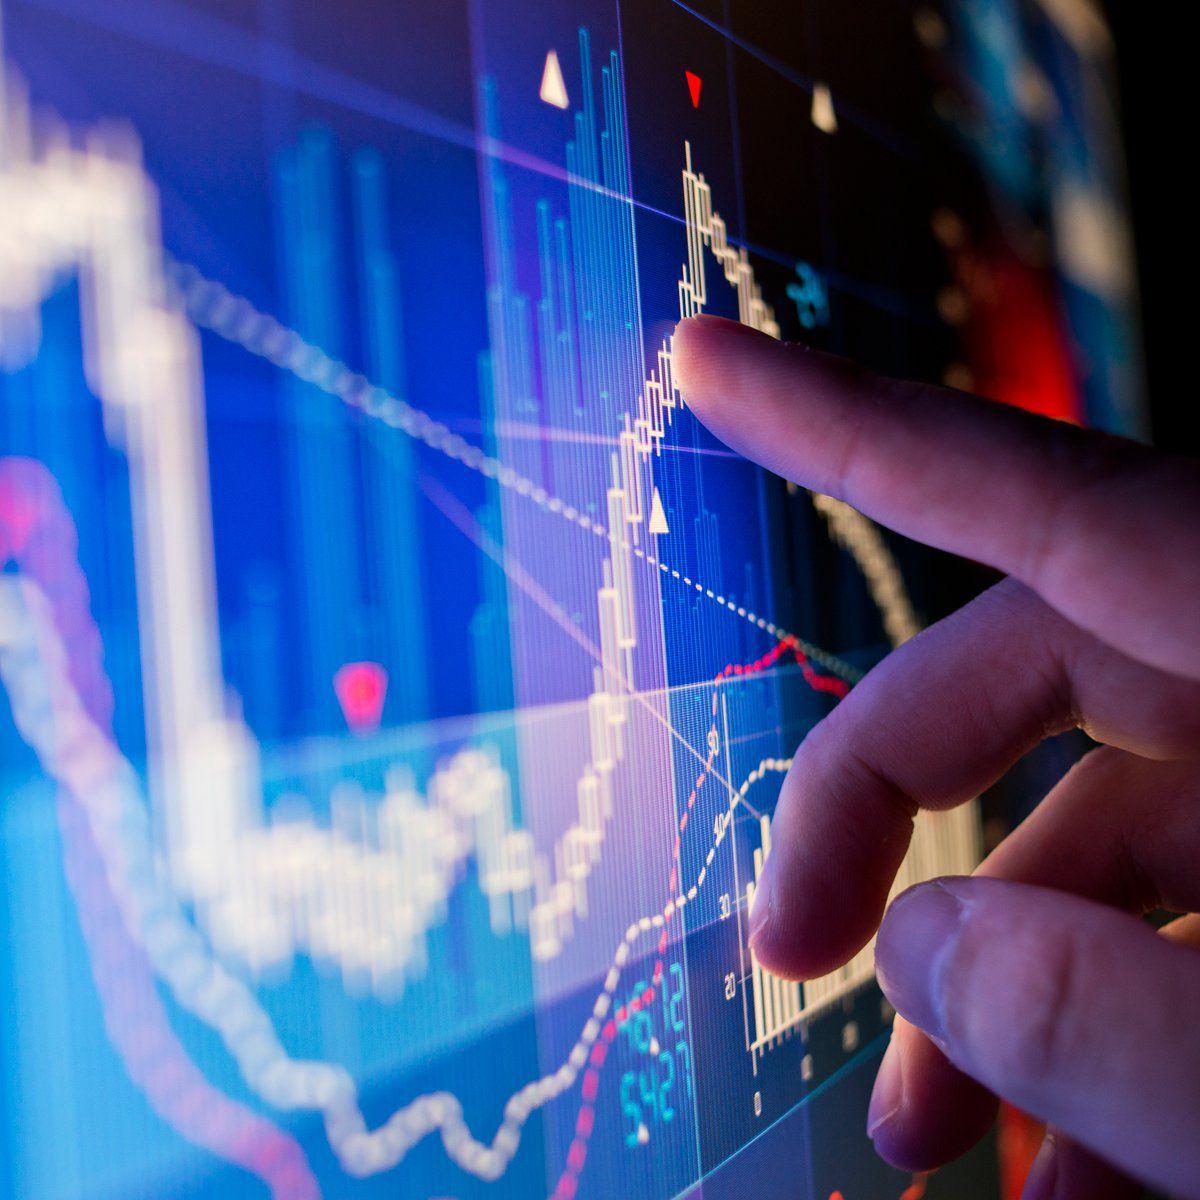 Táticas de Investimento no mercado de ações   - PUC Minas